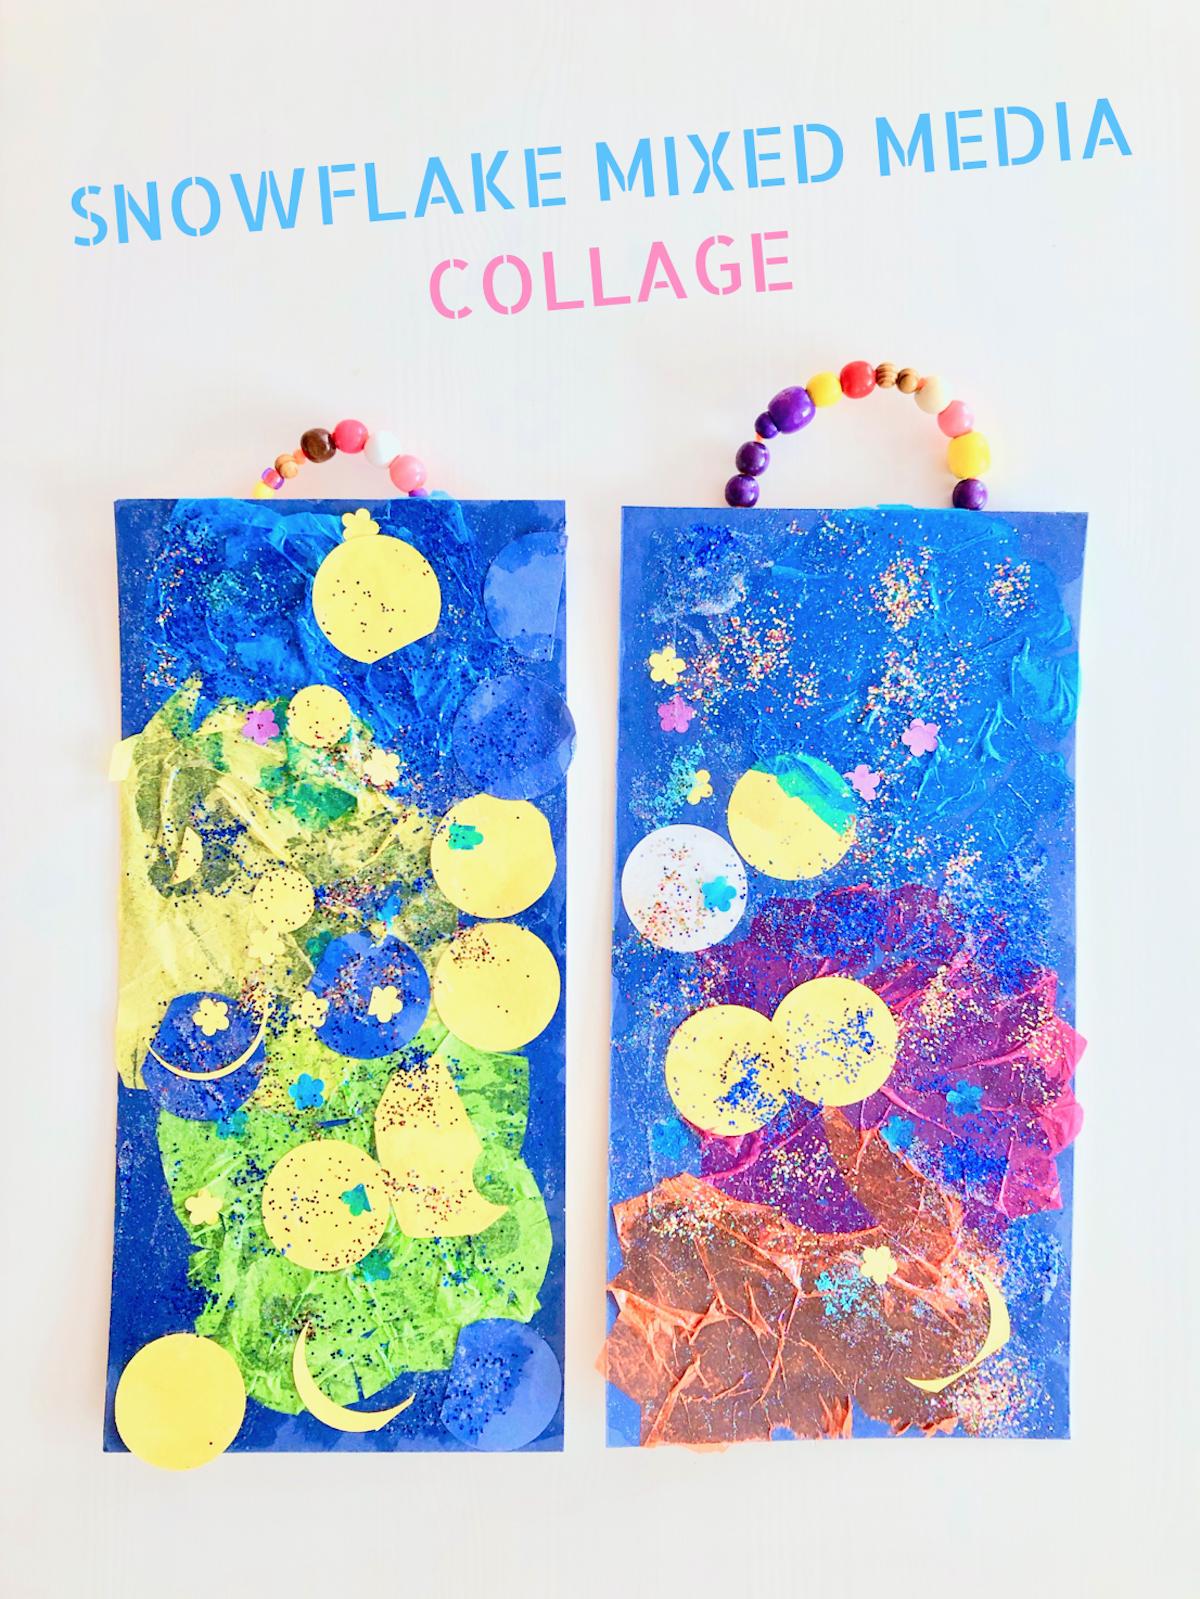 Snowflake Mixed Media Collage